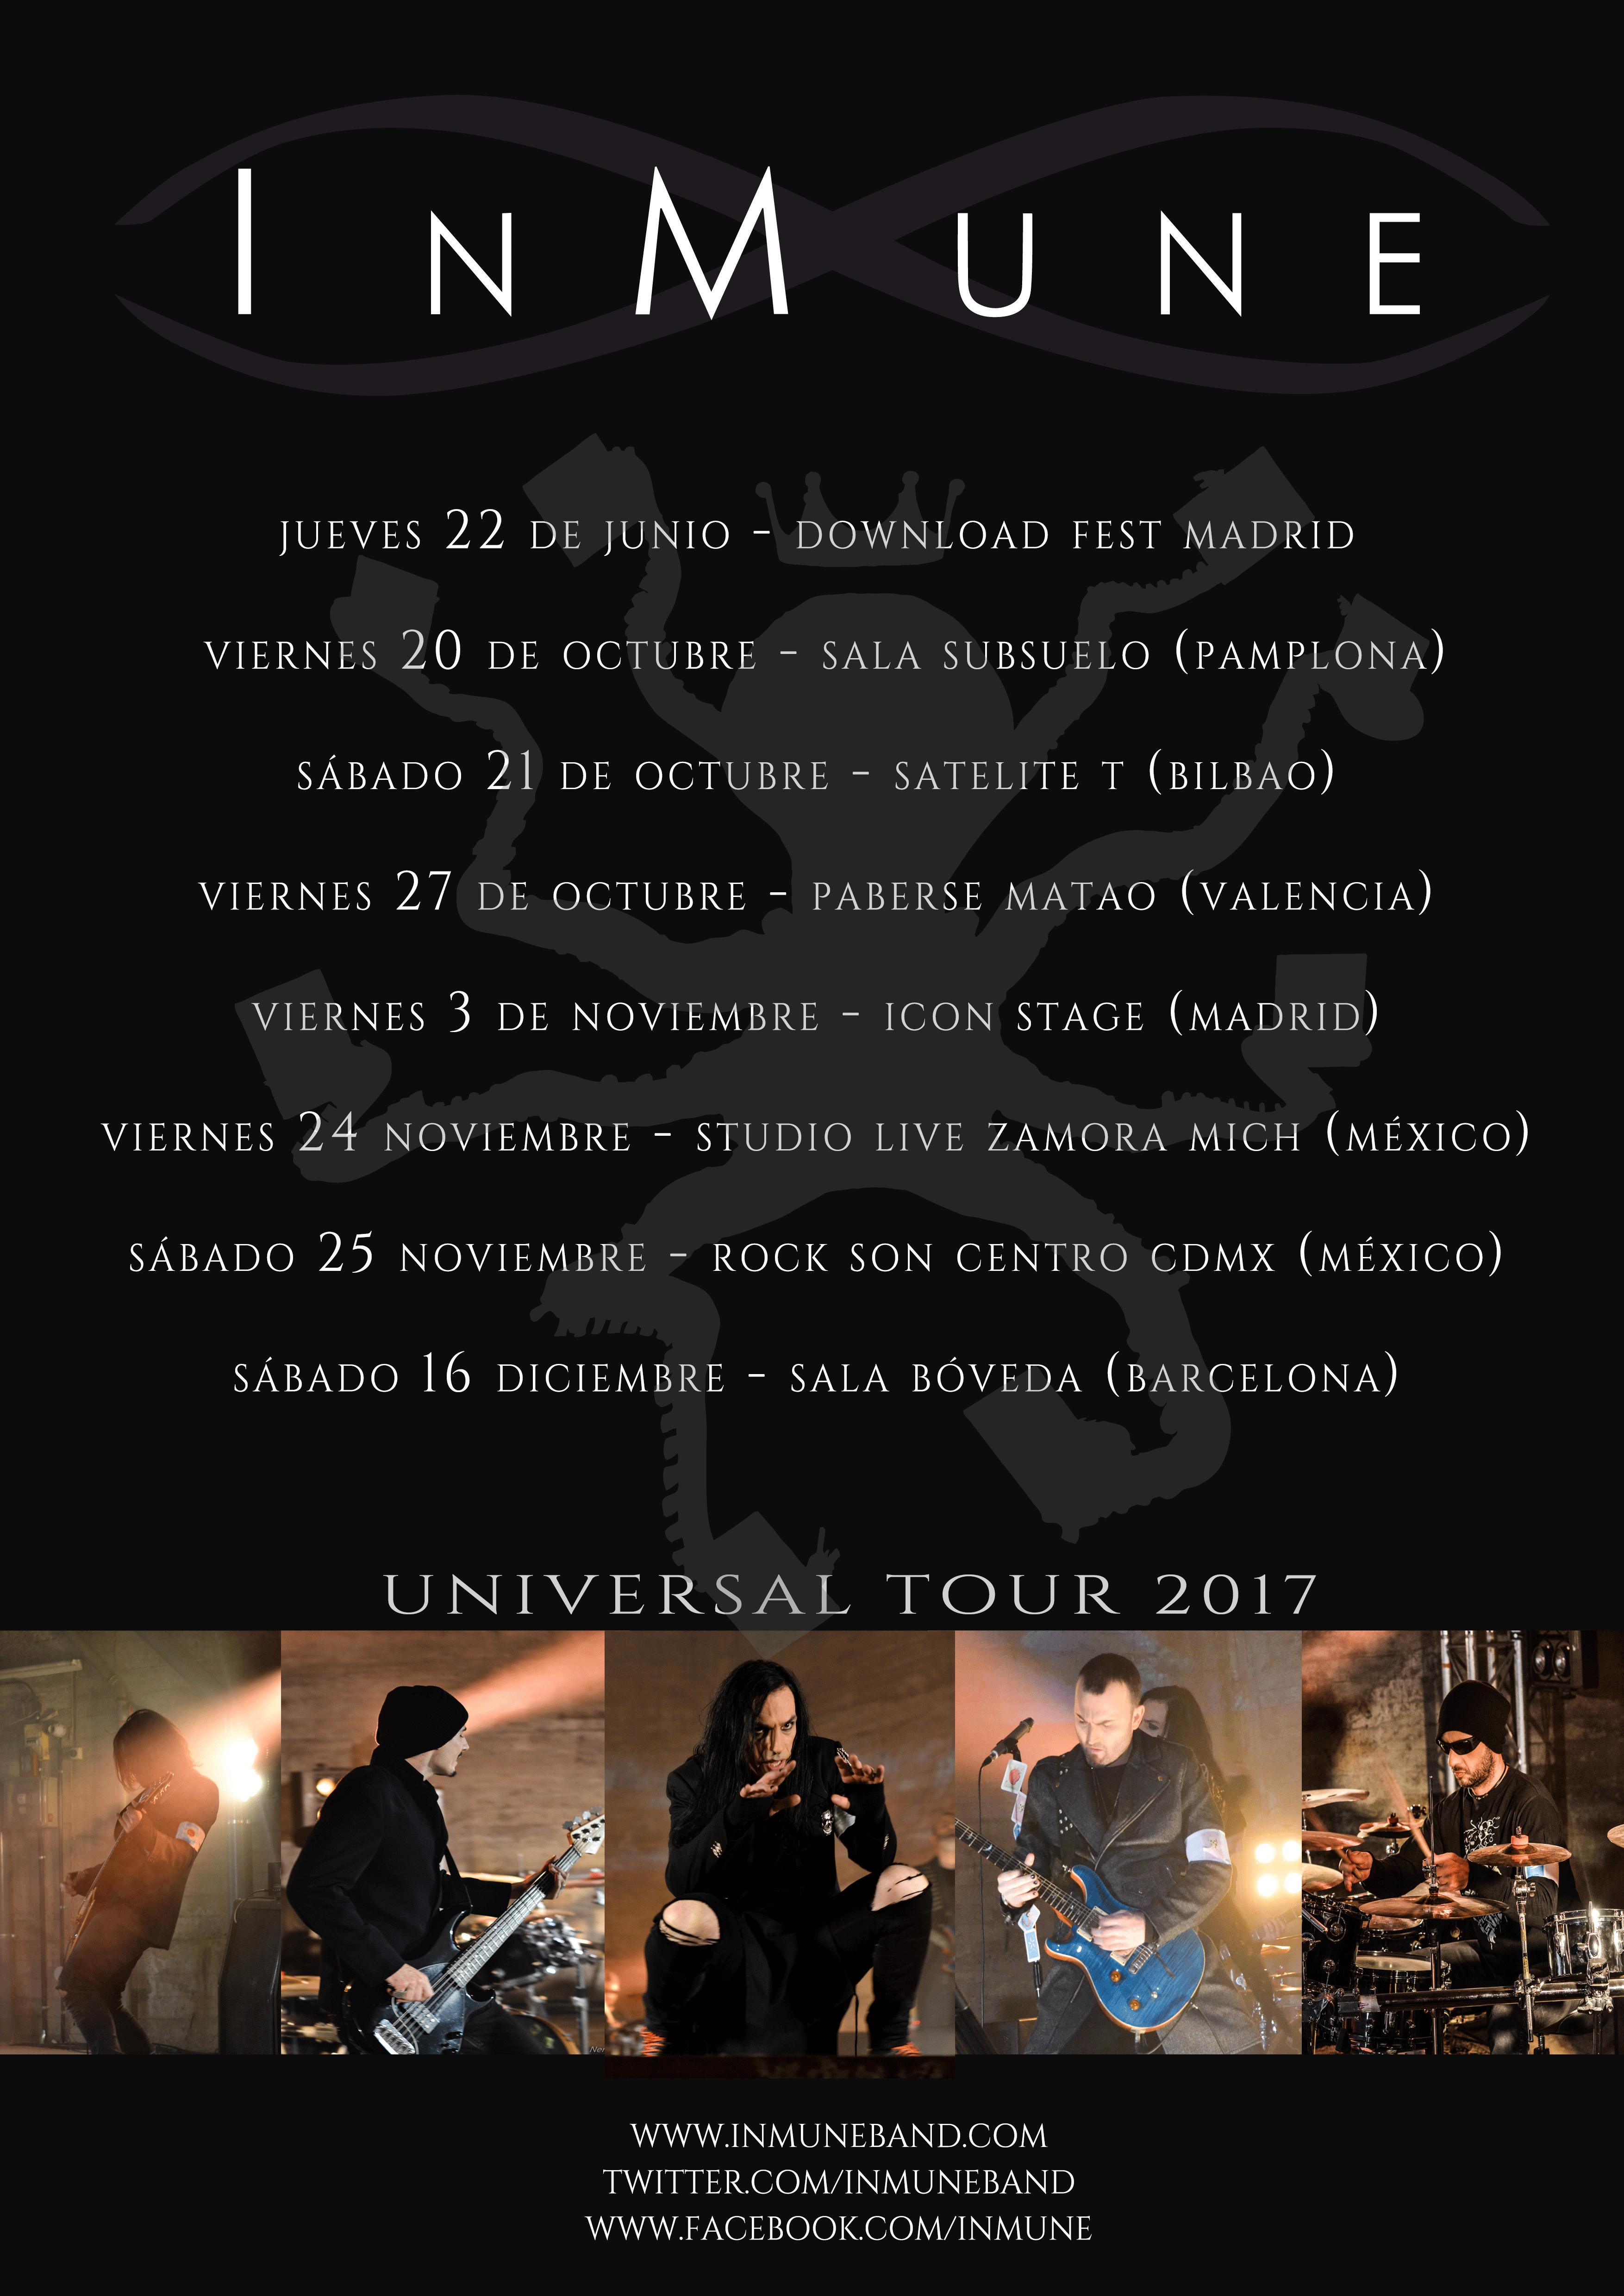 El Universal Tour continúa en otoño